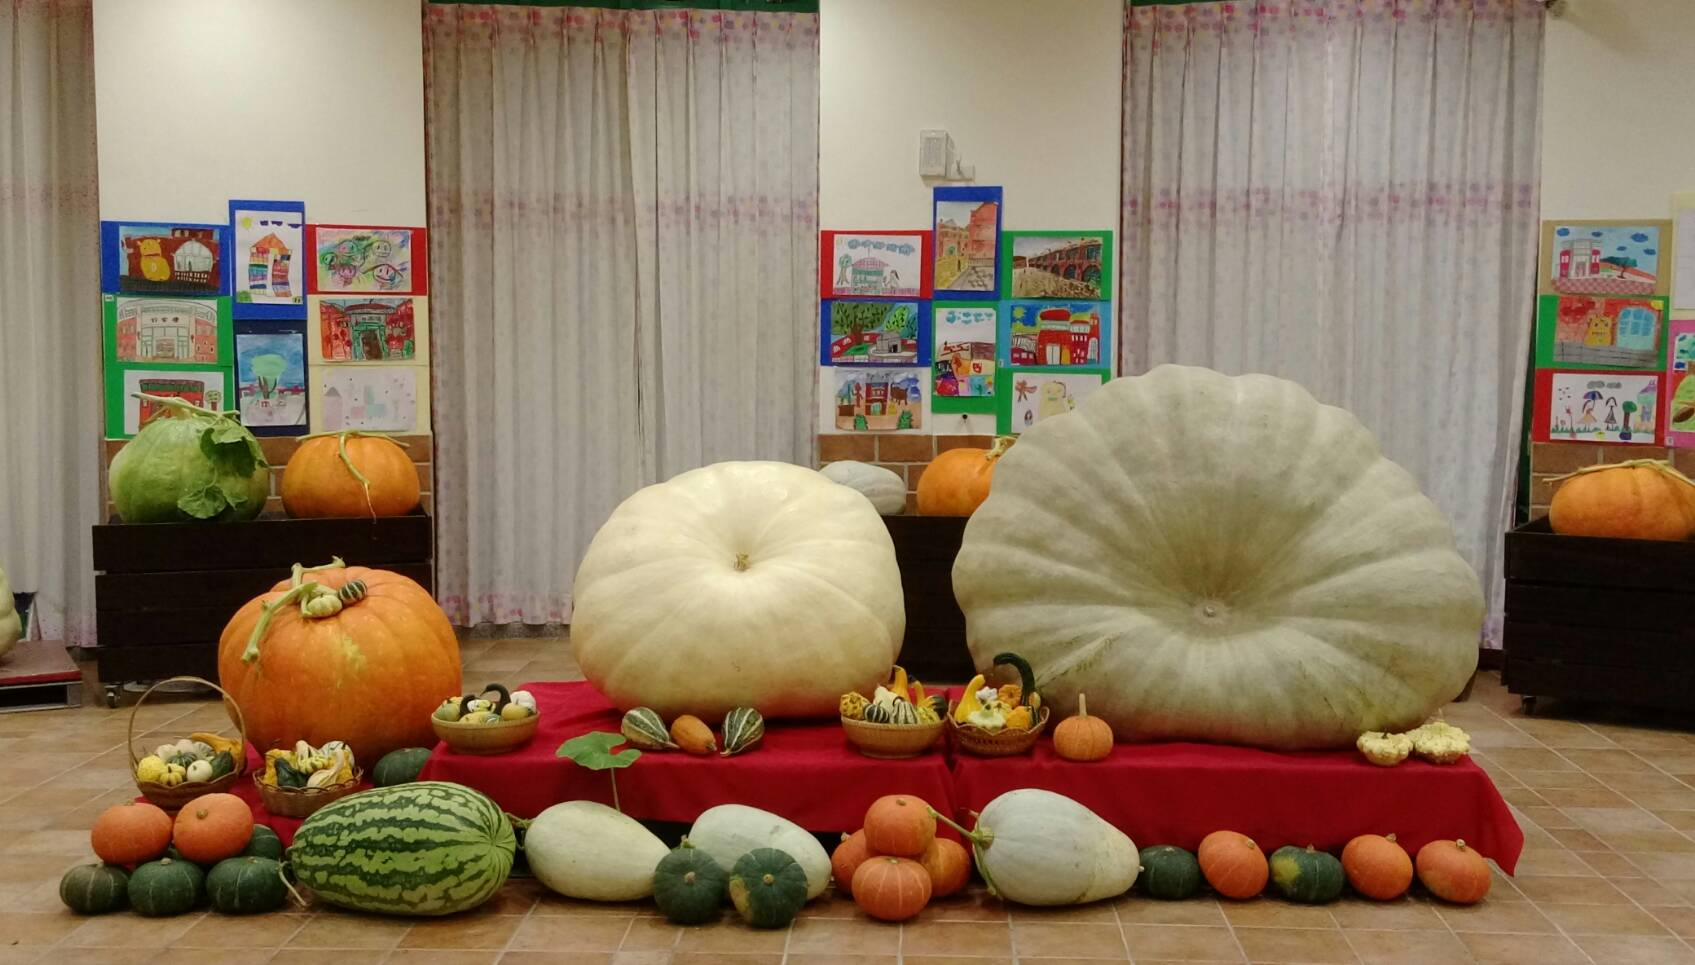 湖口鄉瓜瓜節產業文化活動 本週末邀您來嘗瓜看瓜